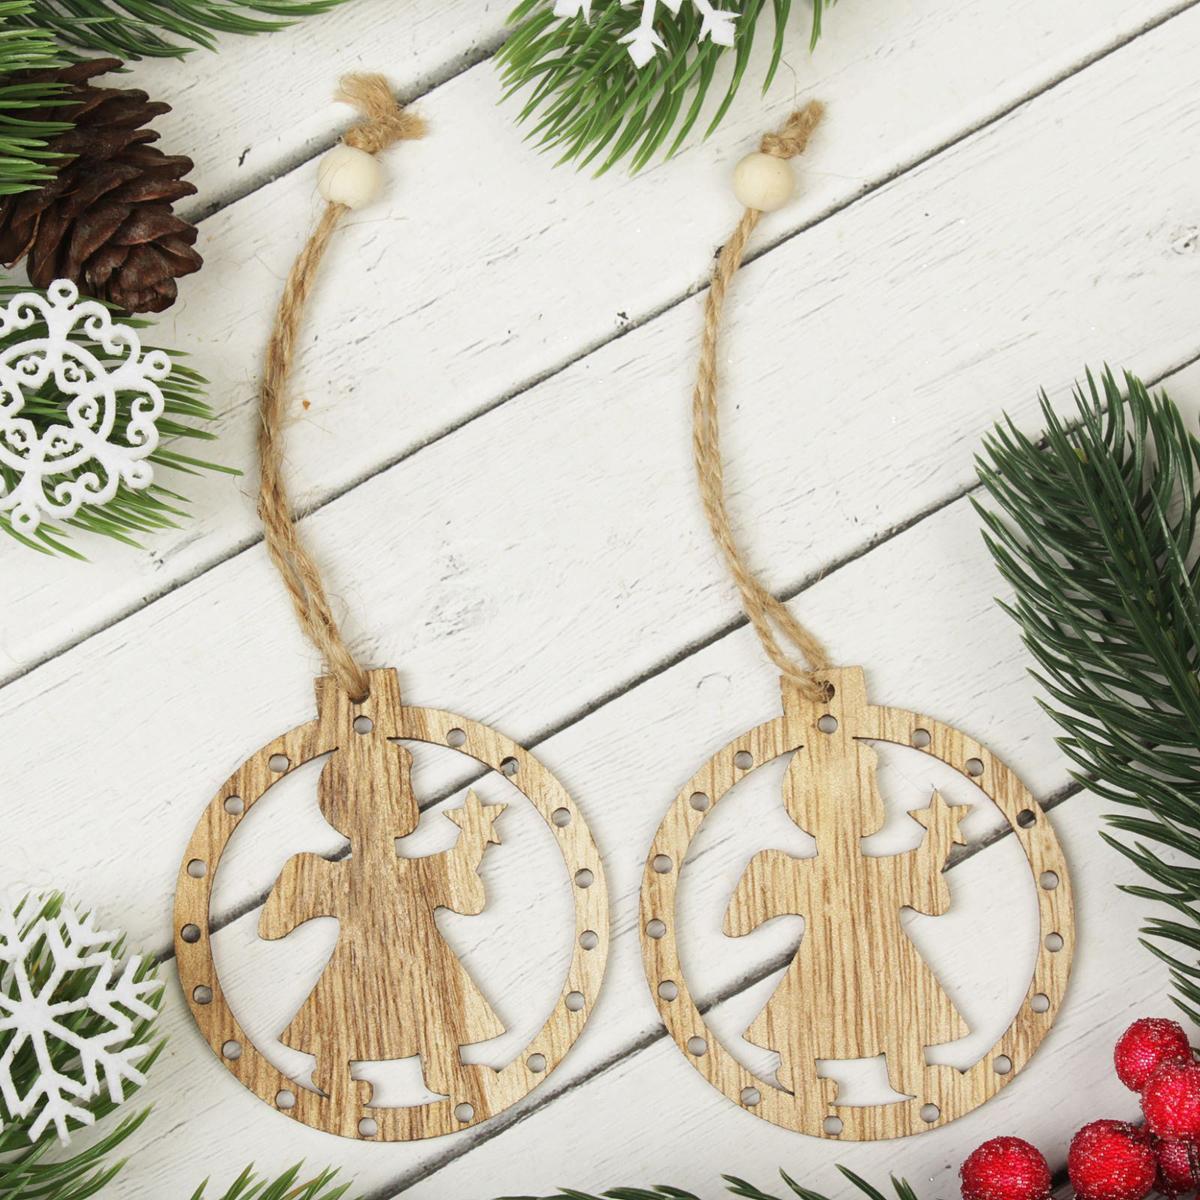 Украшение новогоднее подвесное Ангелок, 2 шт2303256Набор новогодних подвесных украшений, выполненных из дерева, отлично подойдет для декорации вашего дома и новогодней ели. С помощью специальной петельки украшение можно повесить в любом понравившемся вам месте. Но, конечно, удачнее всего оно будет смотреться на праздничной елке.Елочная игрушка - символ Нового года. Она несет в себе волшебство и красоту праздника. Такое украшение создаст в вашем доме атмосферу праздника, веселья и радости.В комплекте 2 украшения.